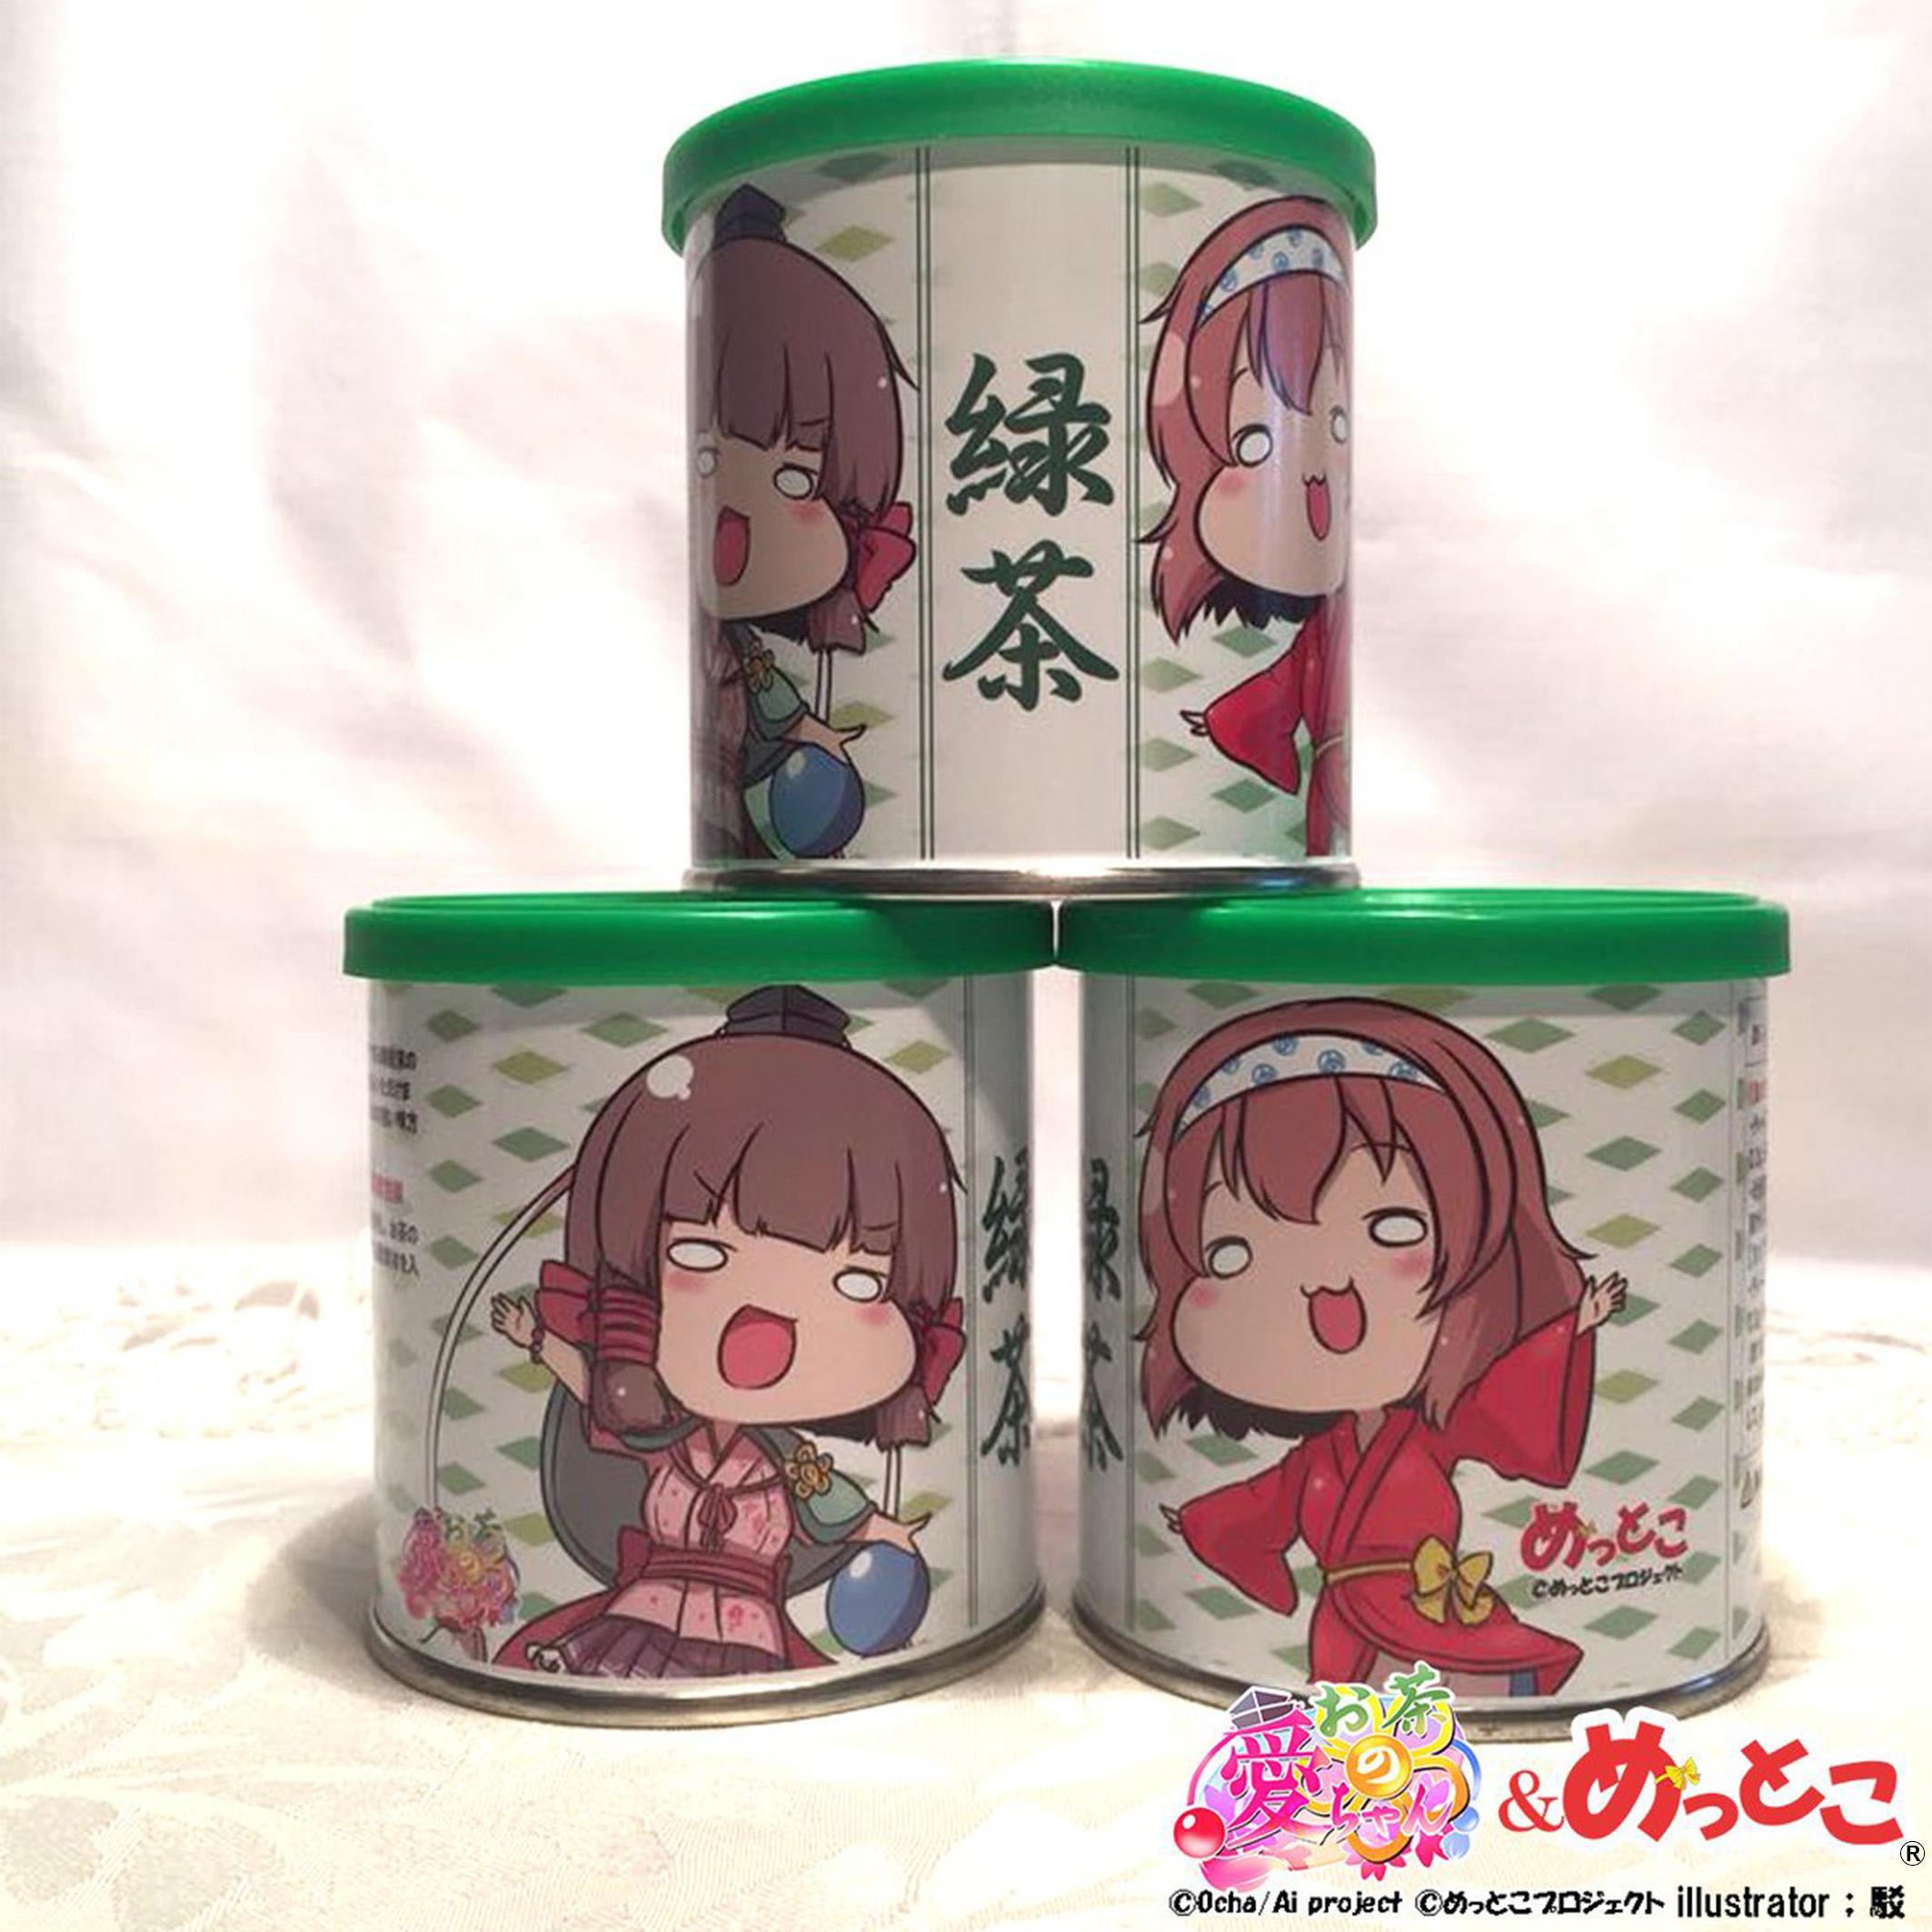 オリジナルラベルお茶缶 駁 めっとこ デザイン会社 埼玉